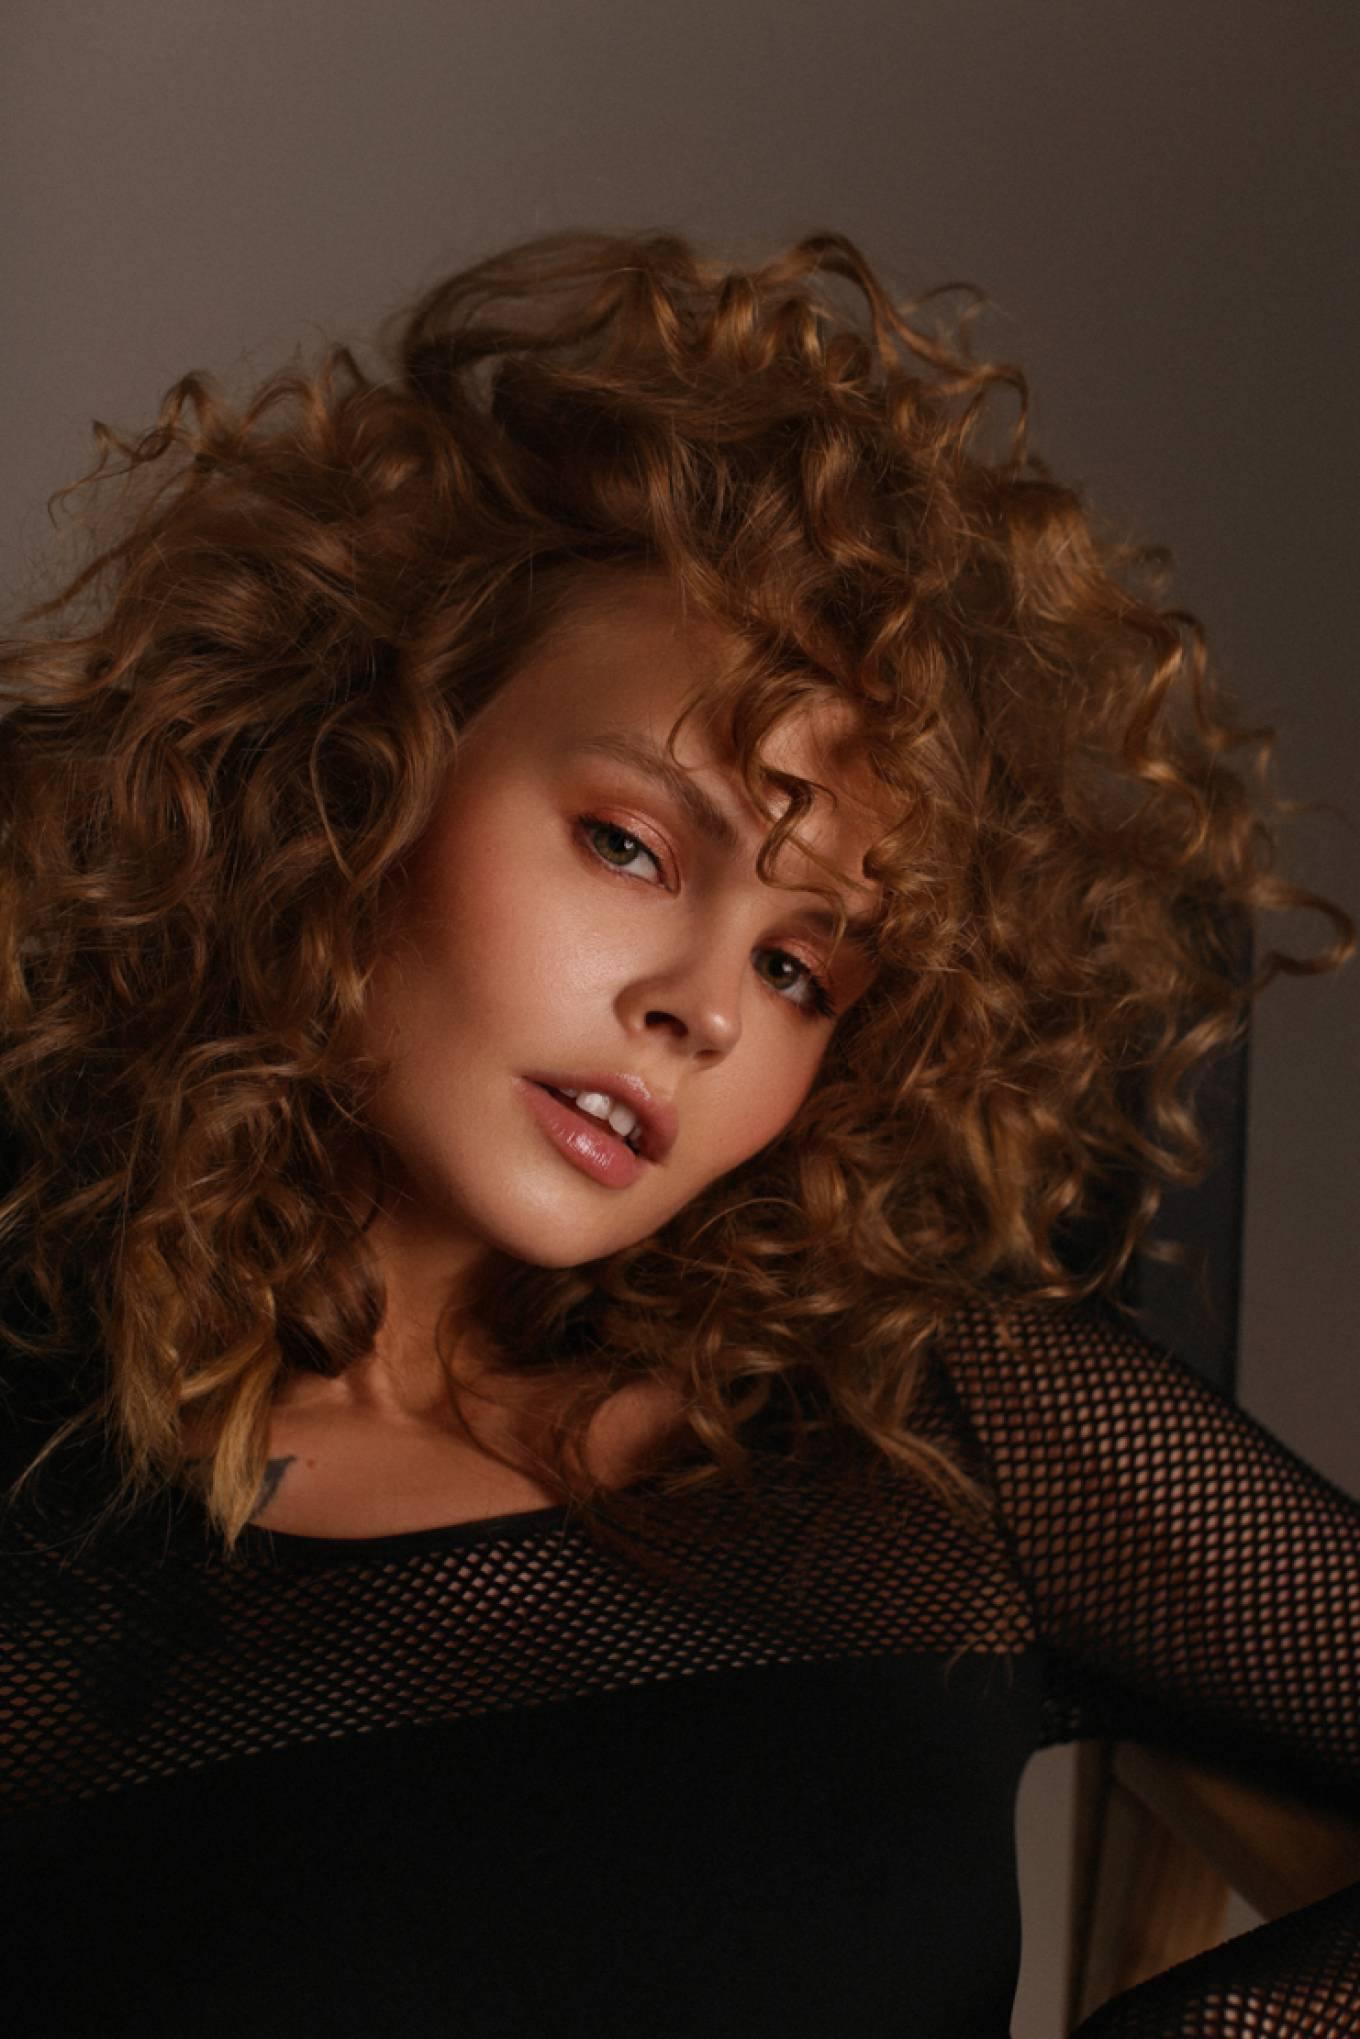 Anastasiya Scheglova – Sexy Body In Beautiful Photoshoot By Tonya Kochneva 0016